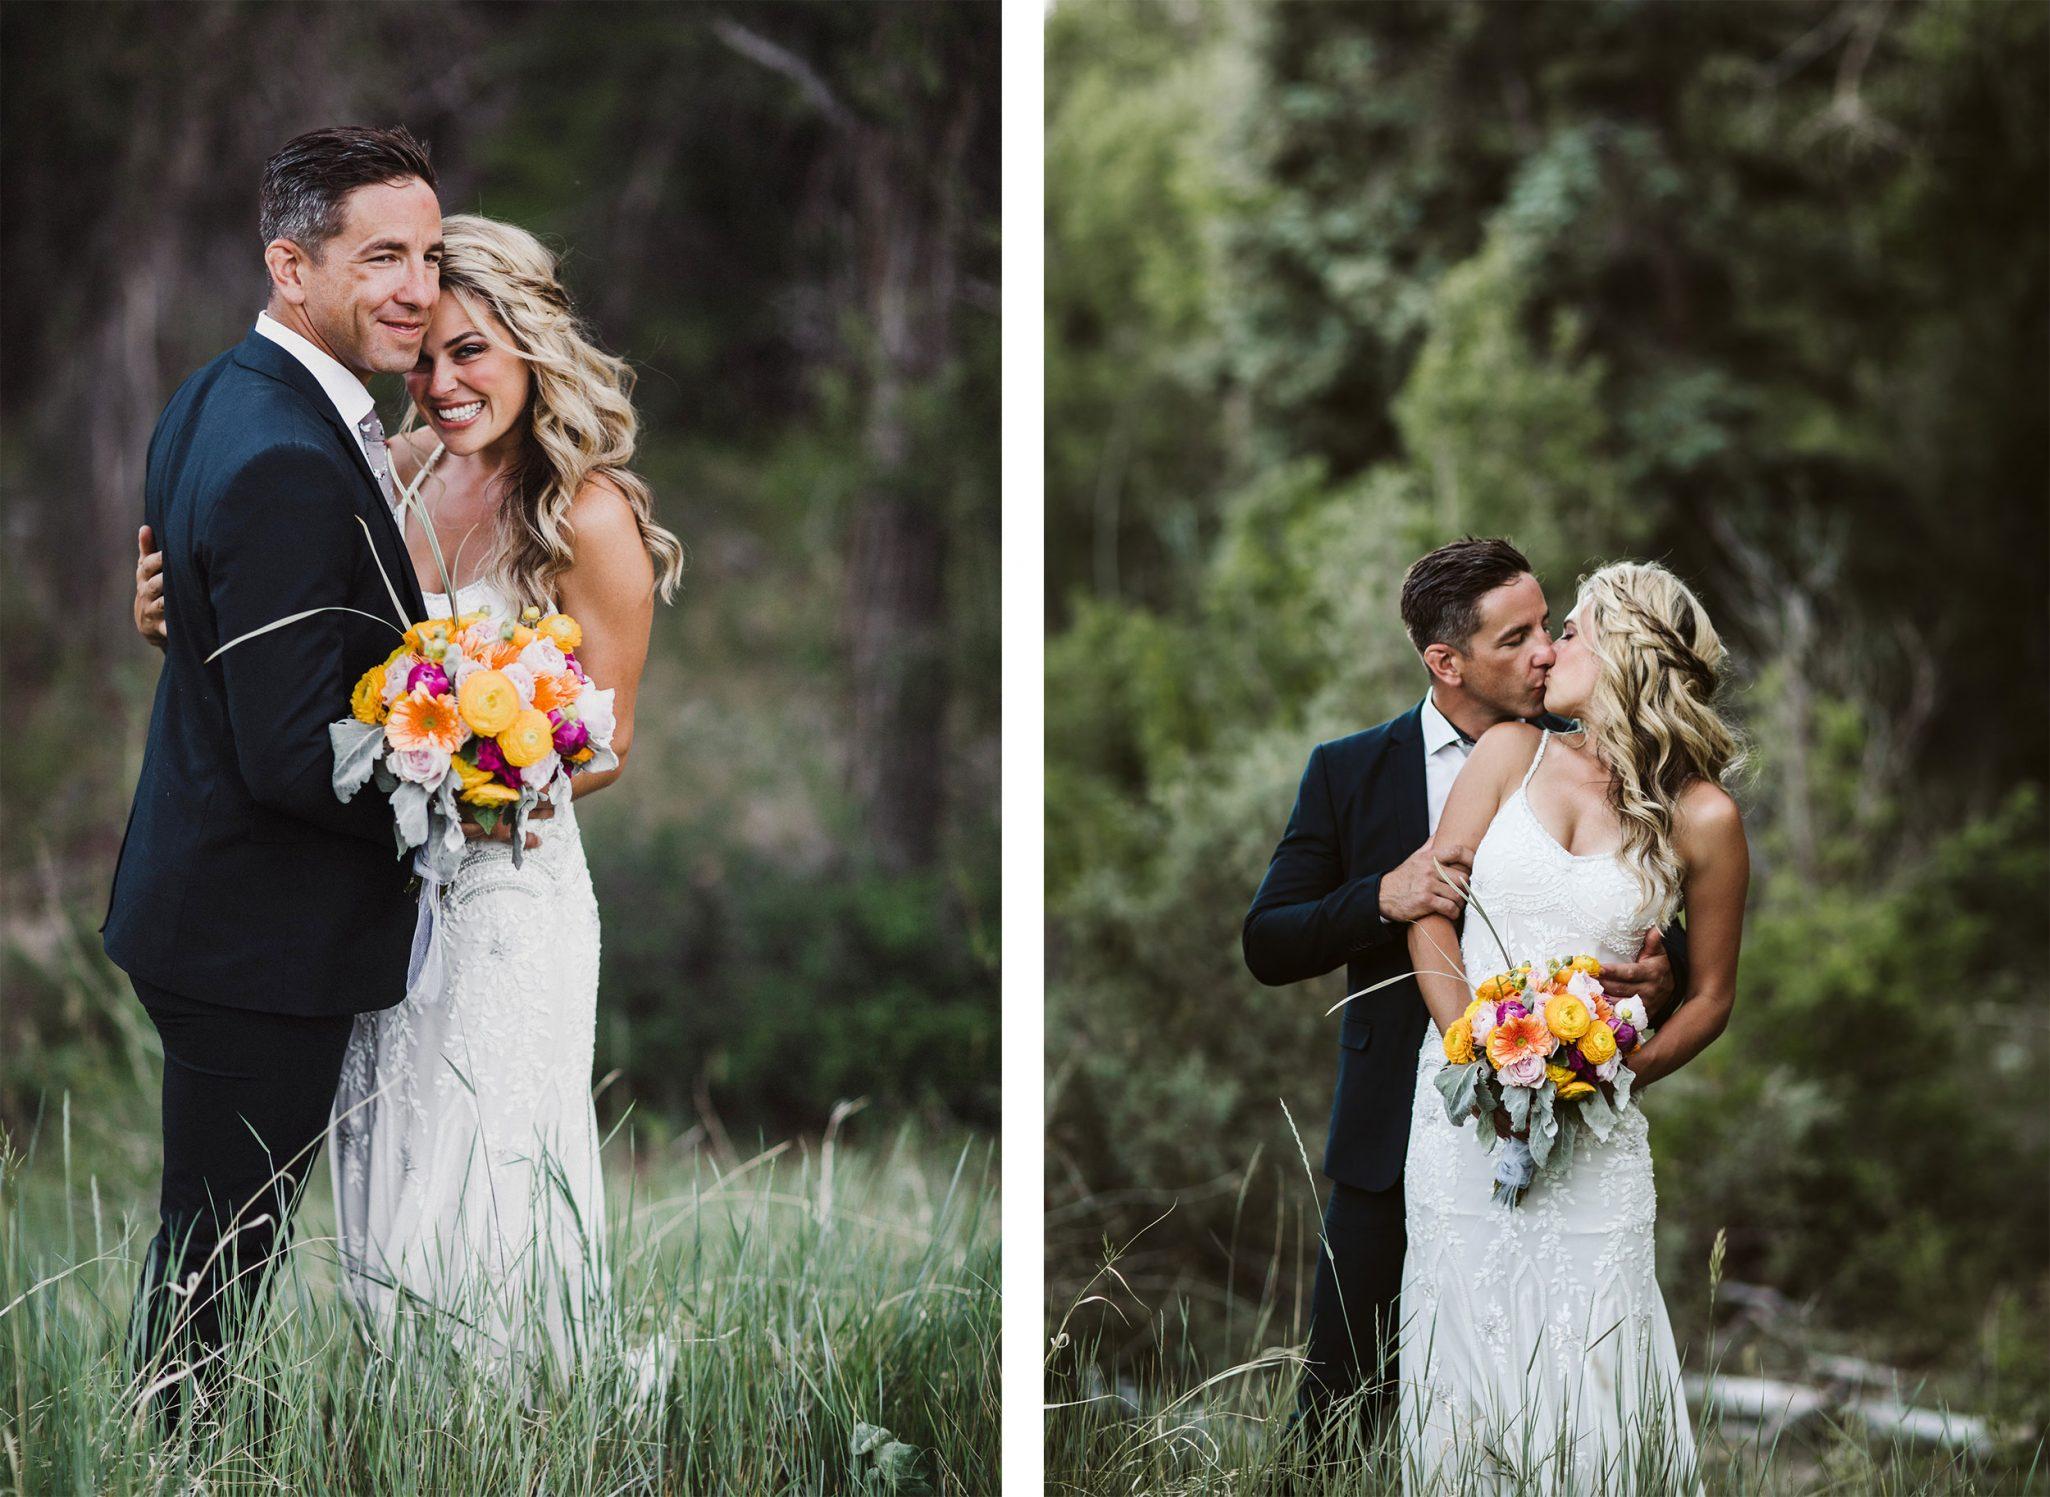 A Whimsical & Joyous Wedding Day in Durango, Colorado